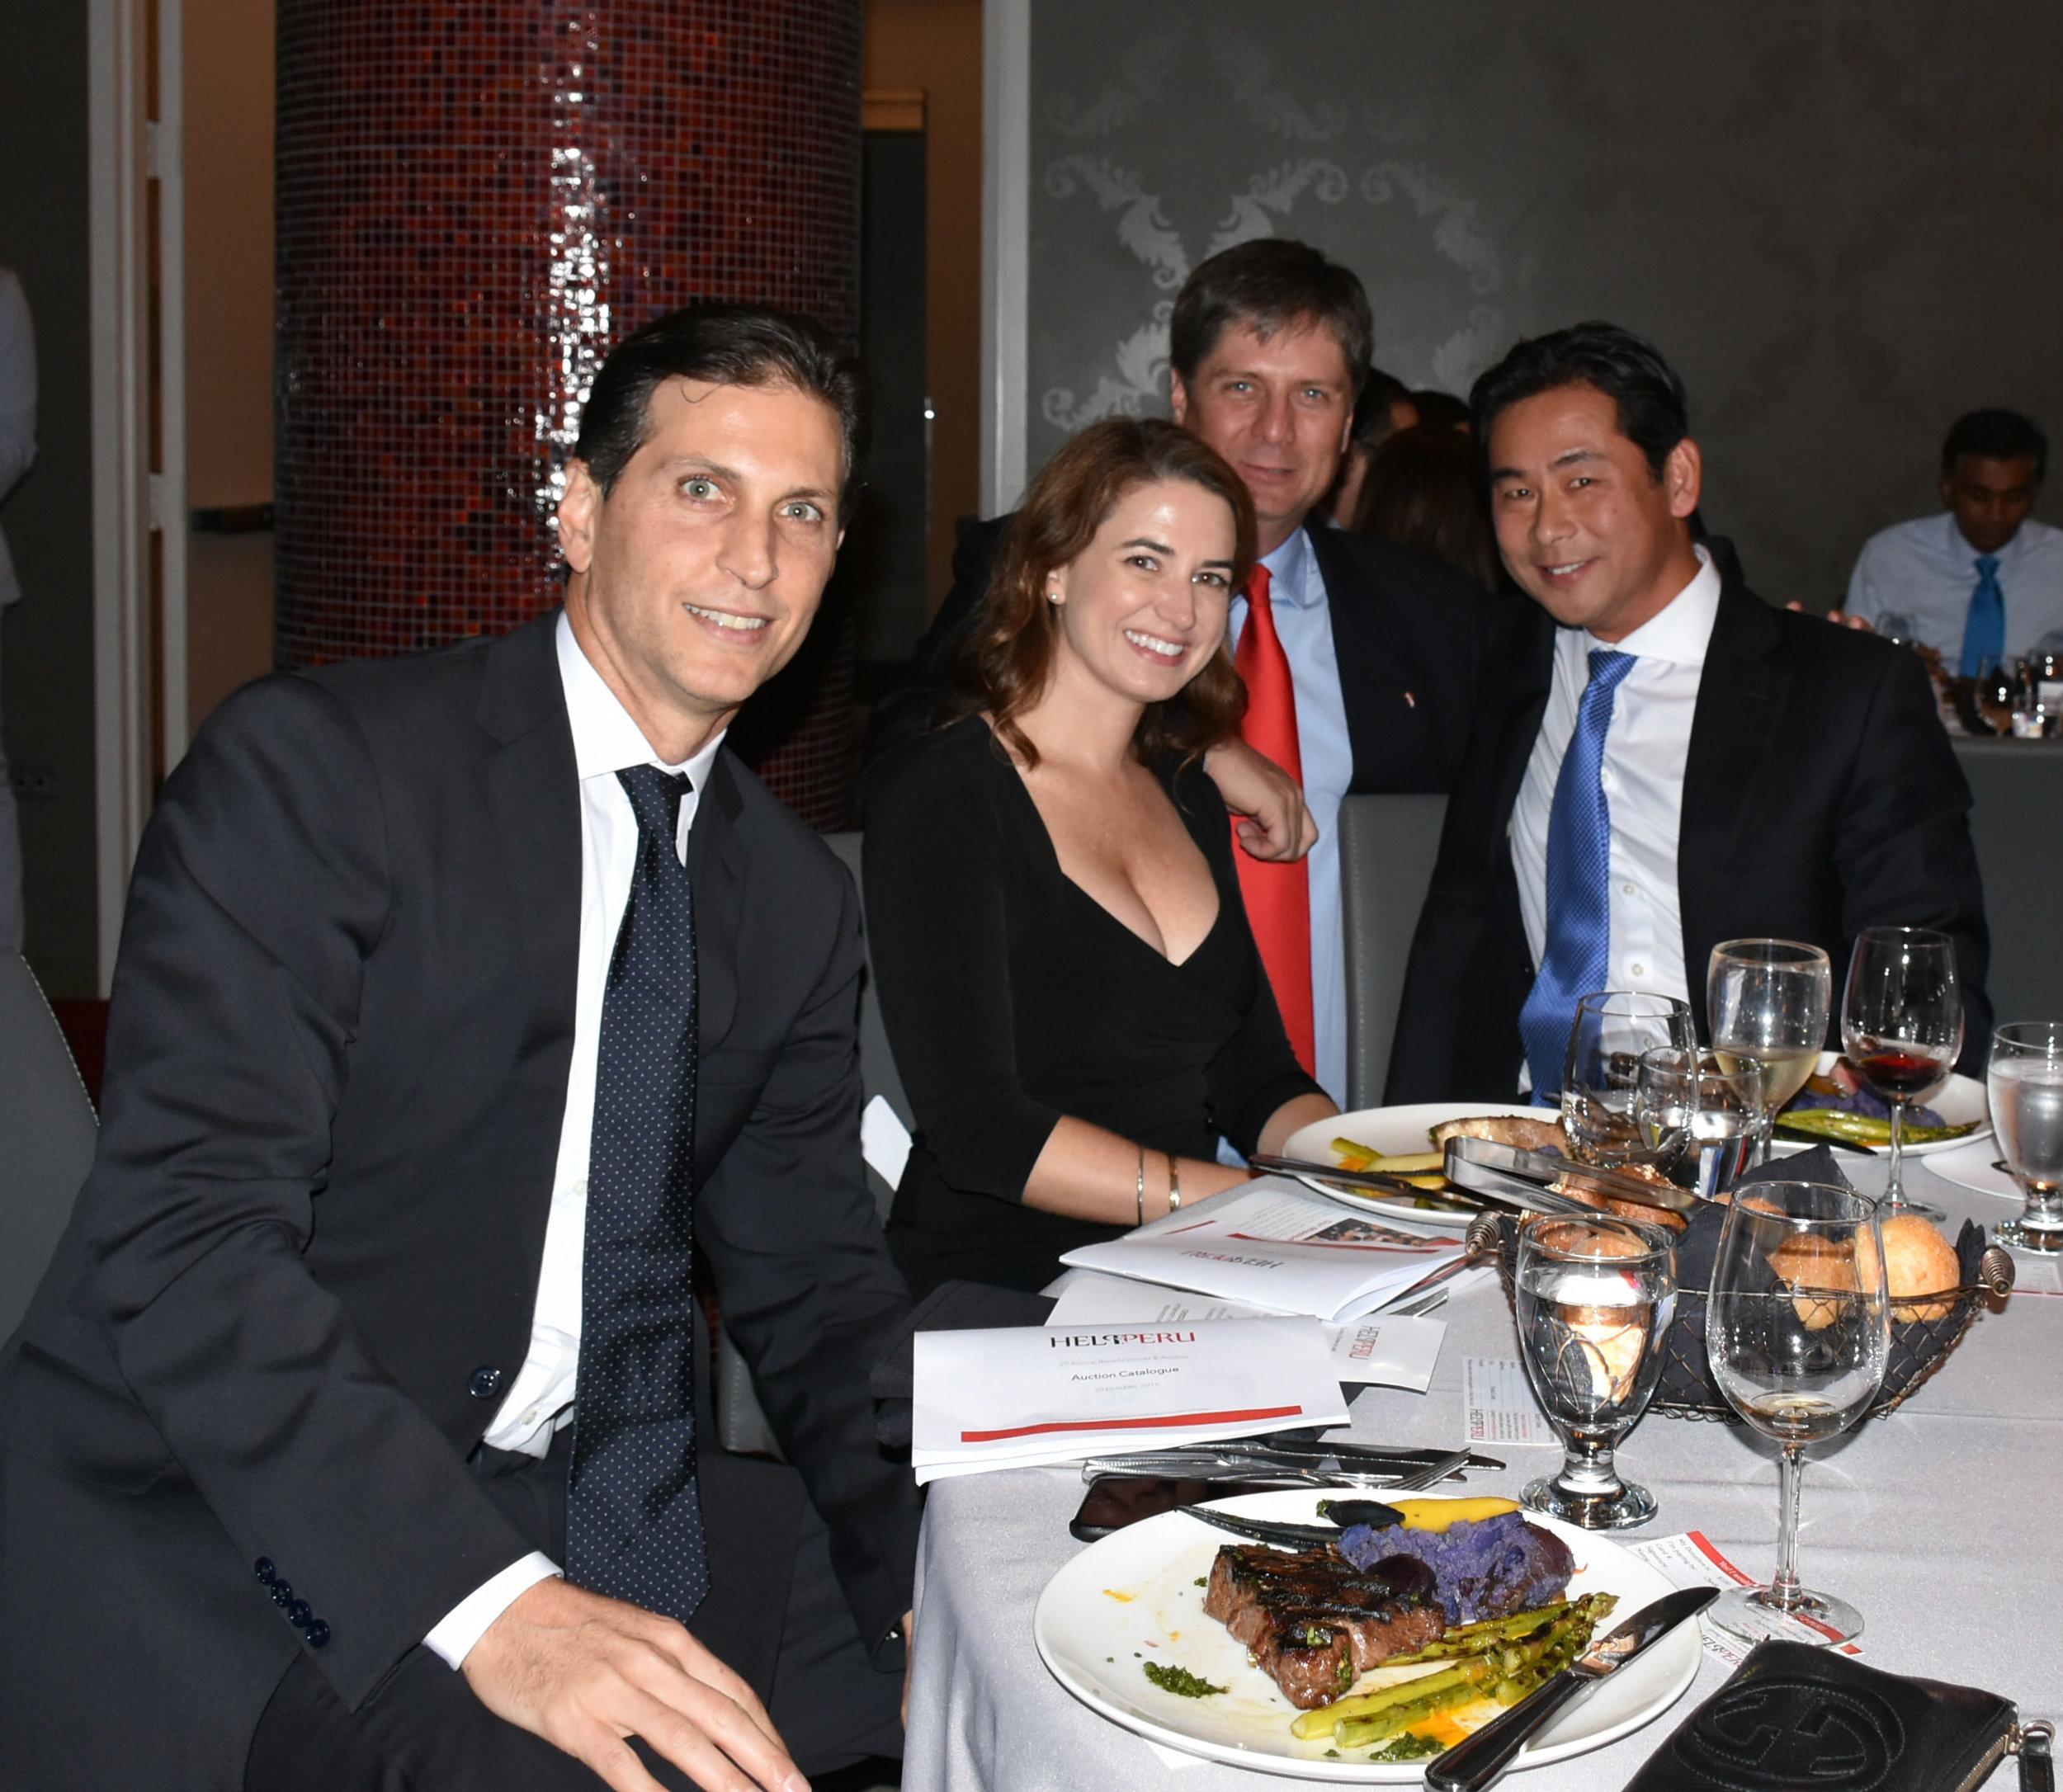 DSC_5030 - Alonso Aramburu, Kristine Olson, Michael Holme y Rafael Sodea.jpg